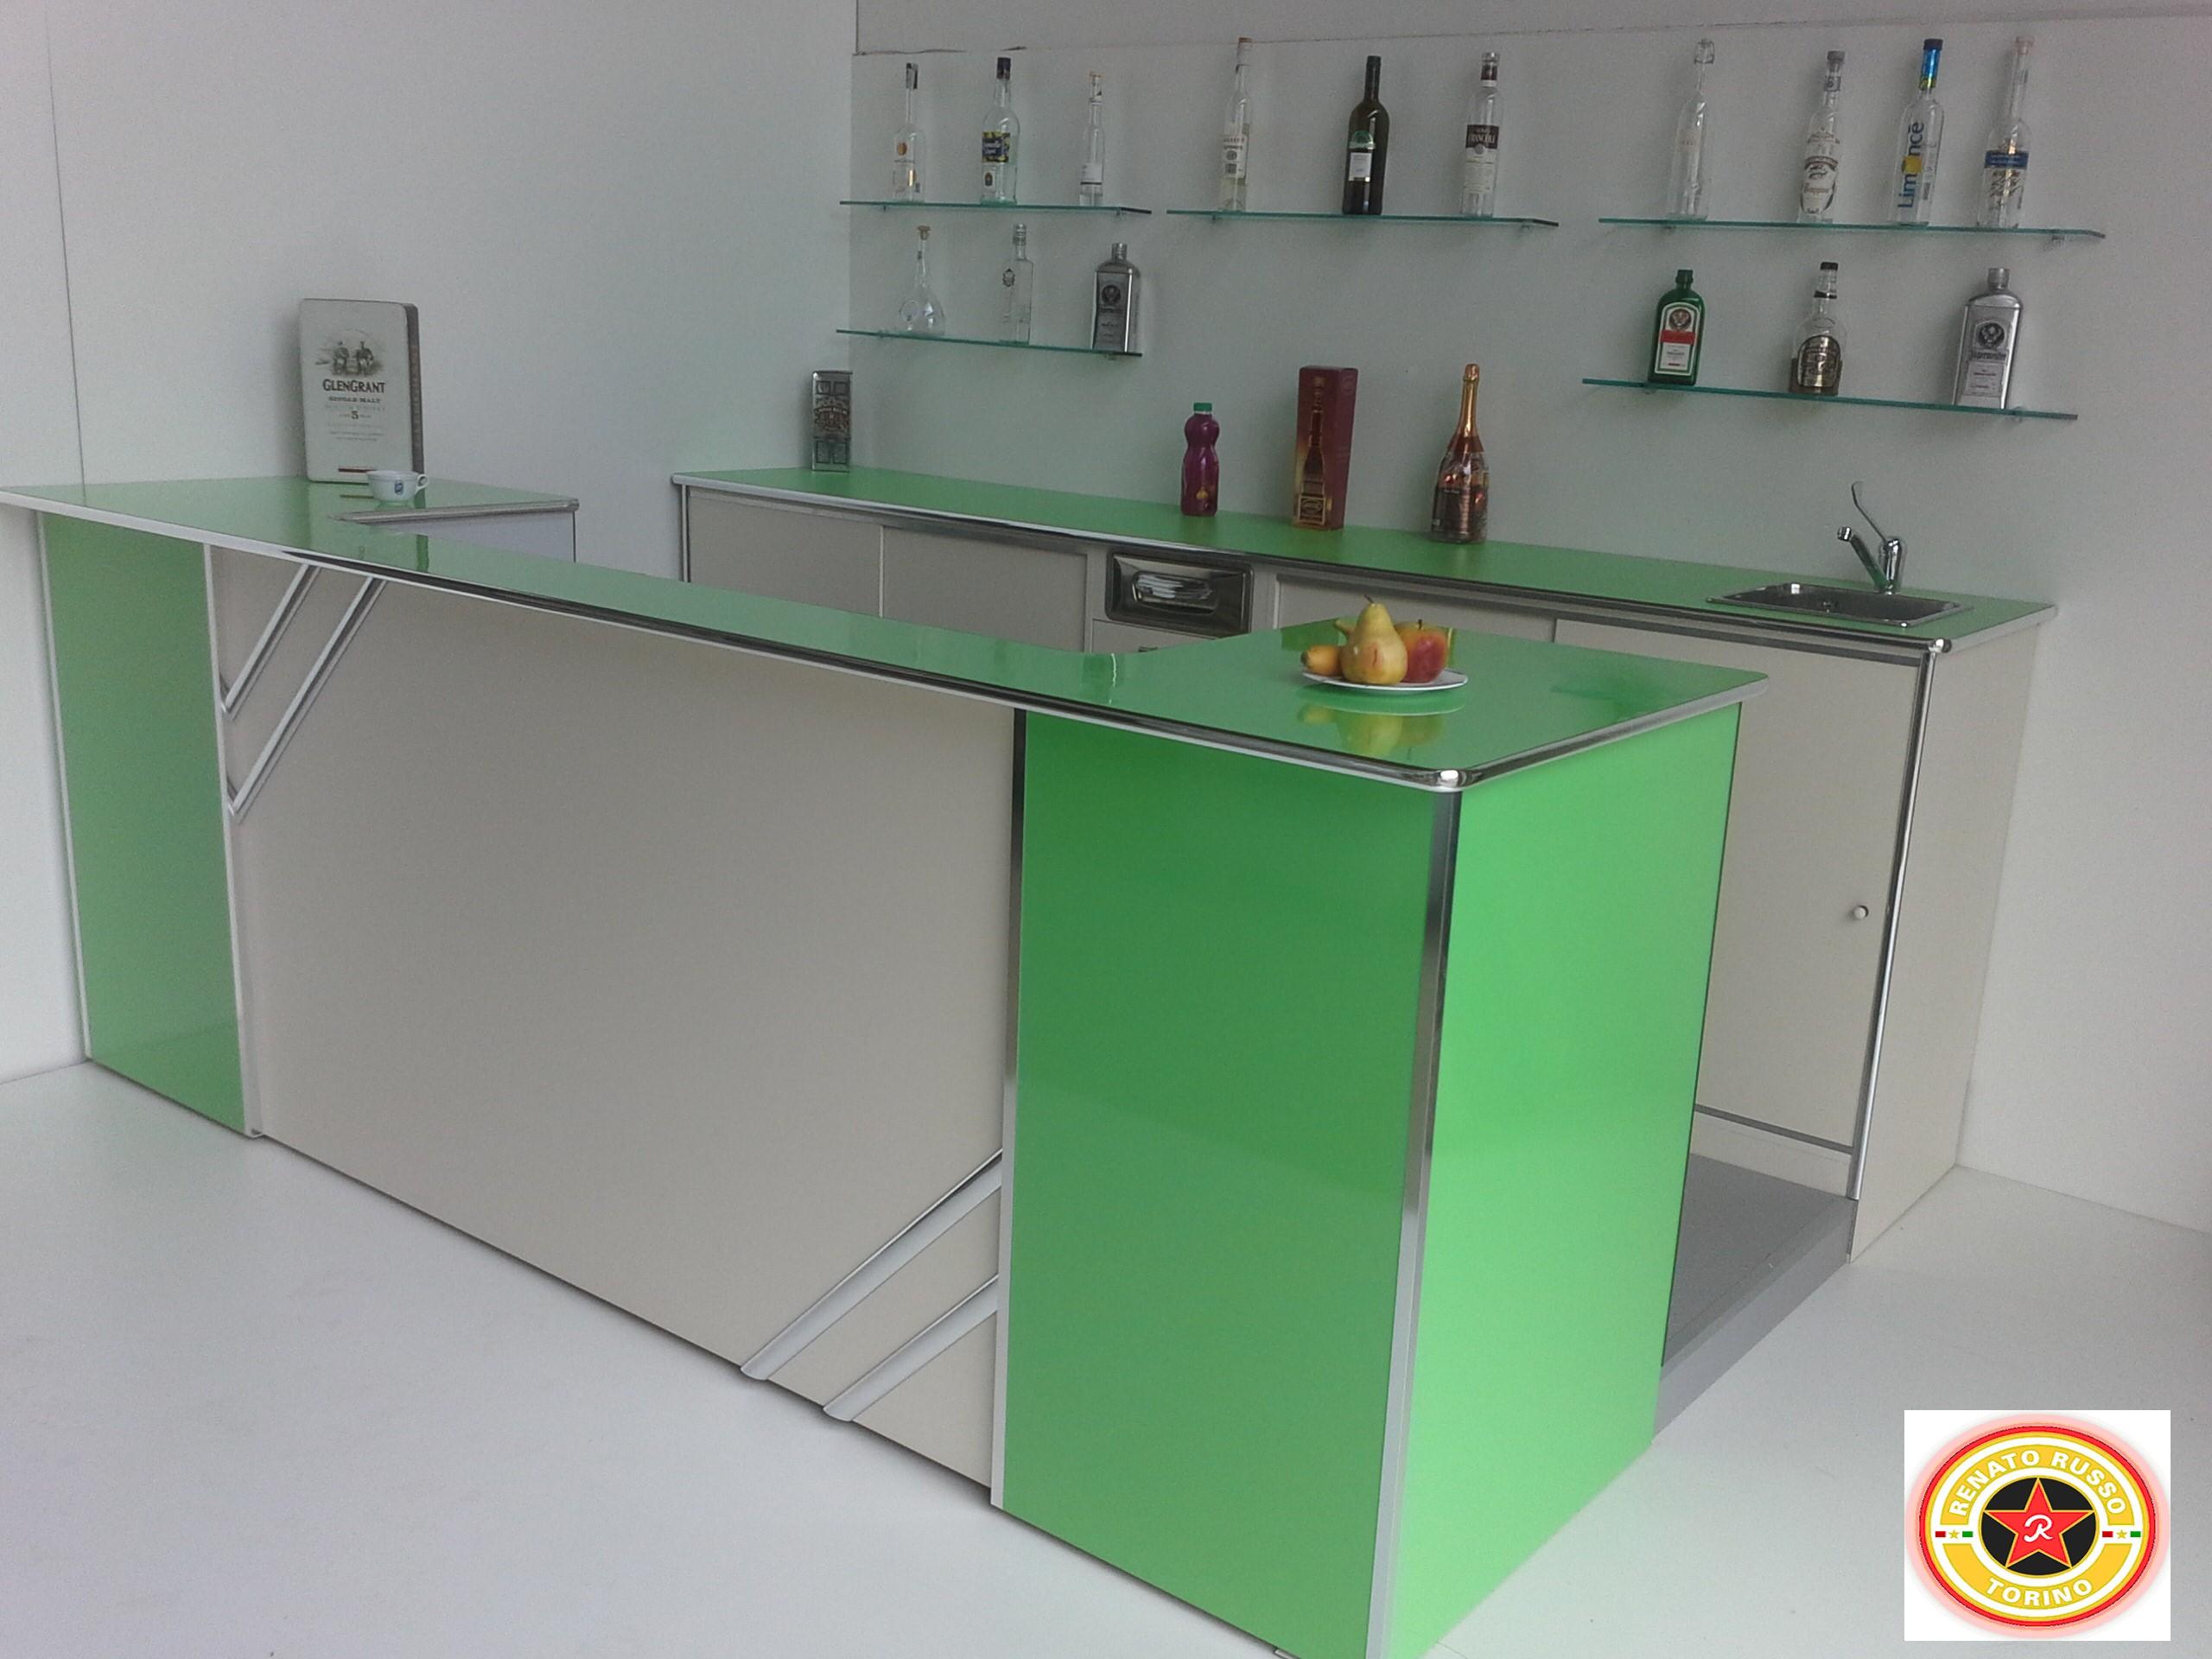 Bancone bar compra in fabbrica banconi bar produttori for Subito it novara arredamento